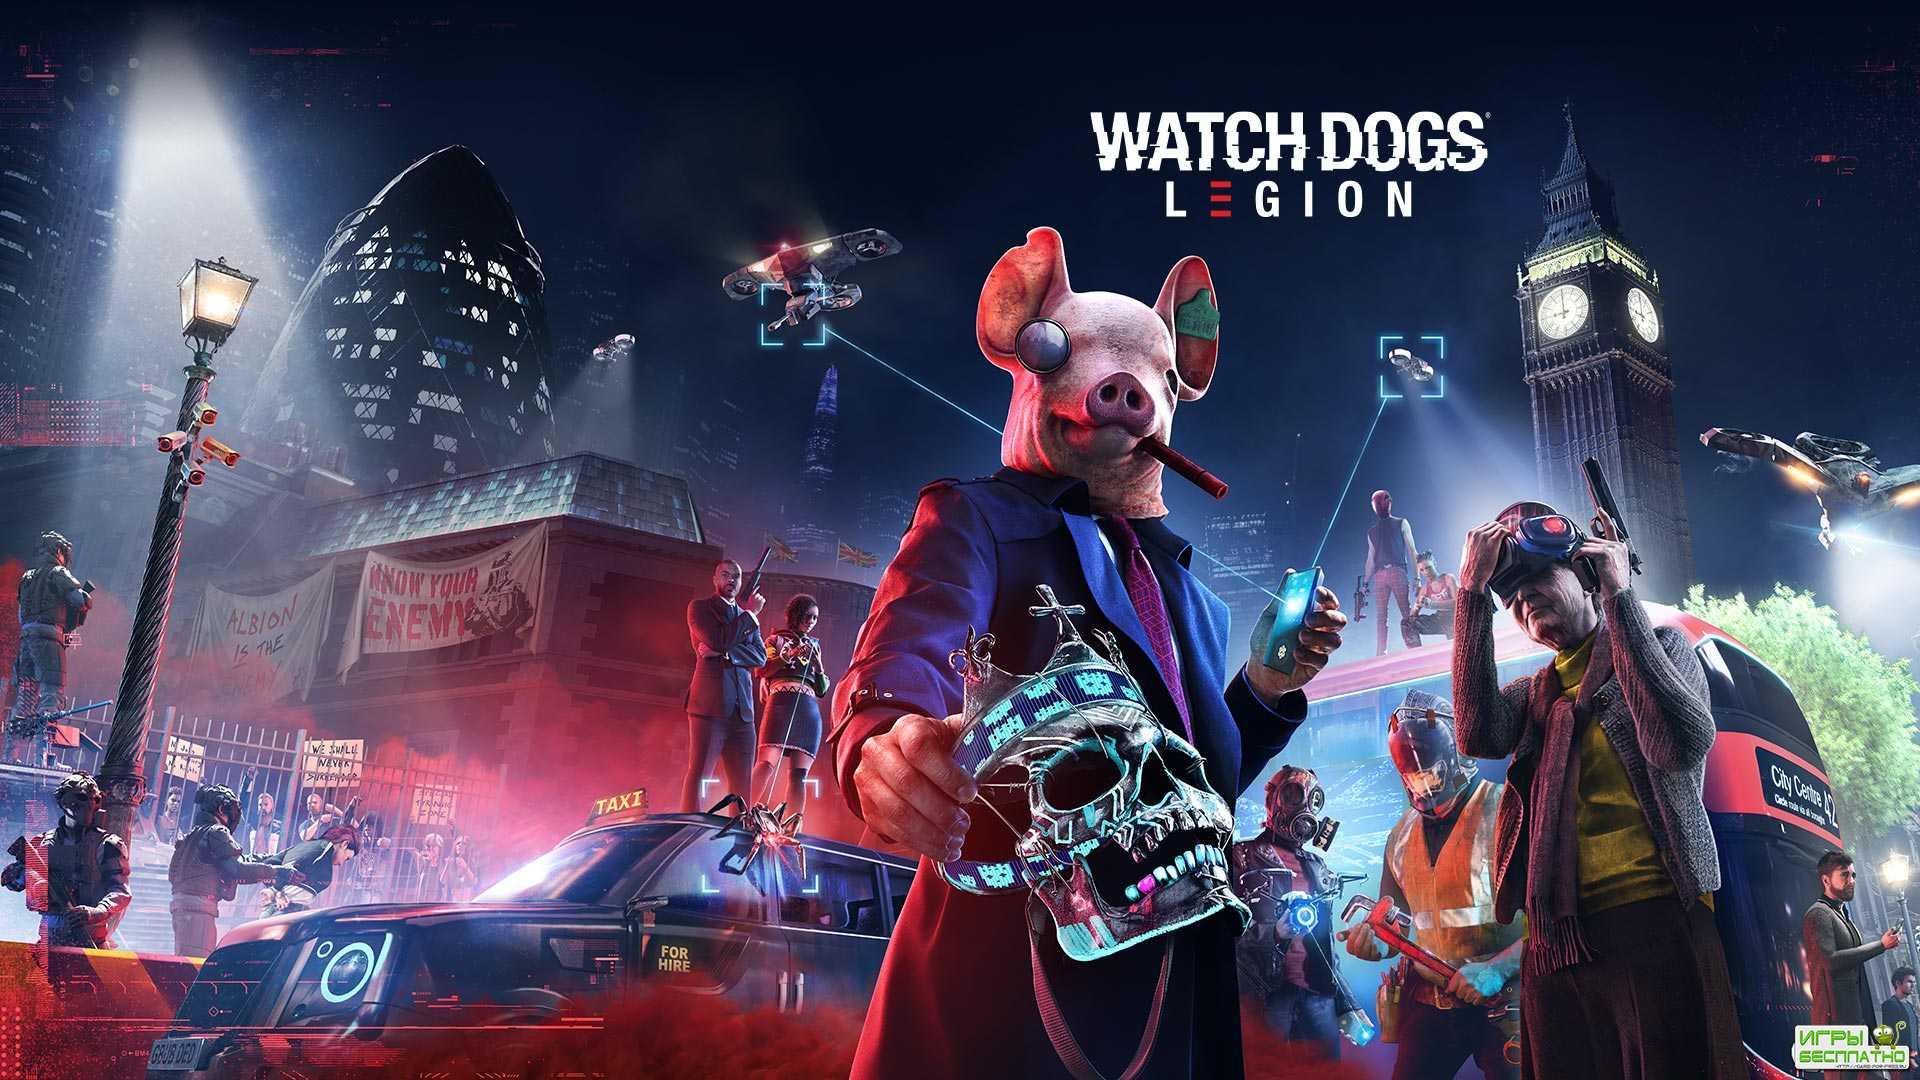 Watch Dogs: Legion получит крупное обновление с новыми персонажами и улучшениям геймплея